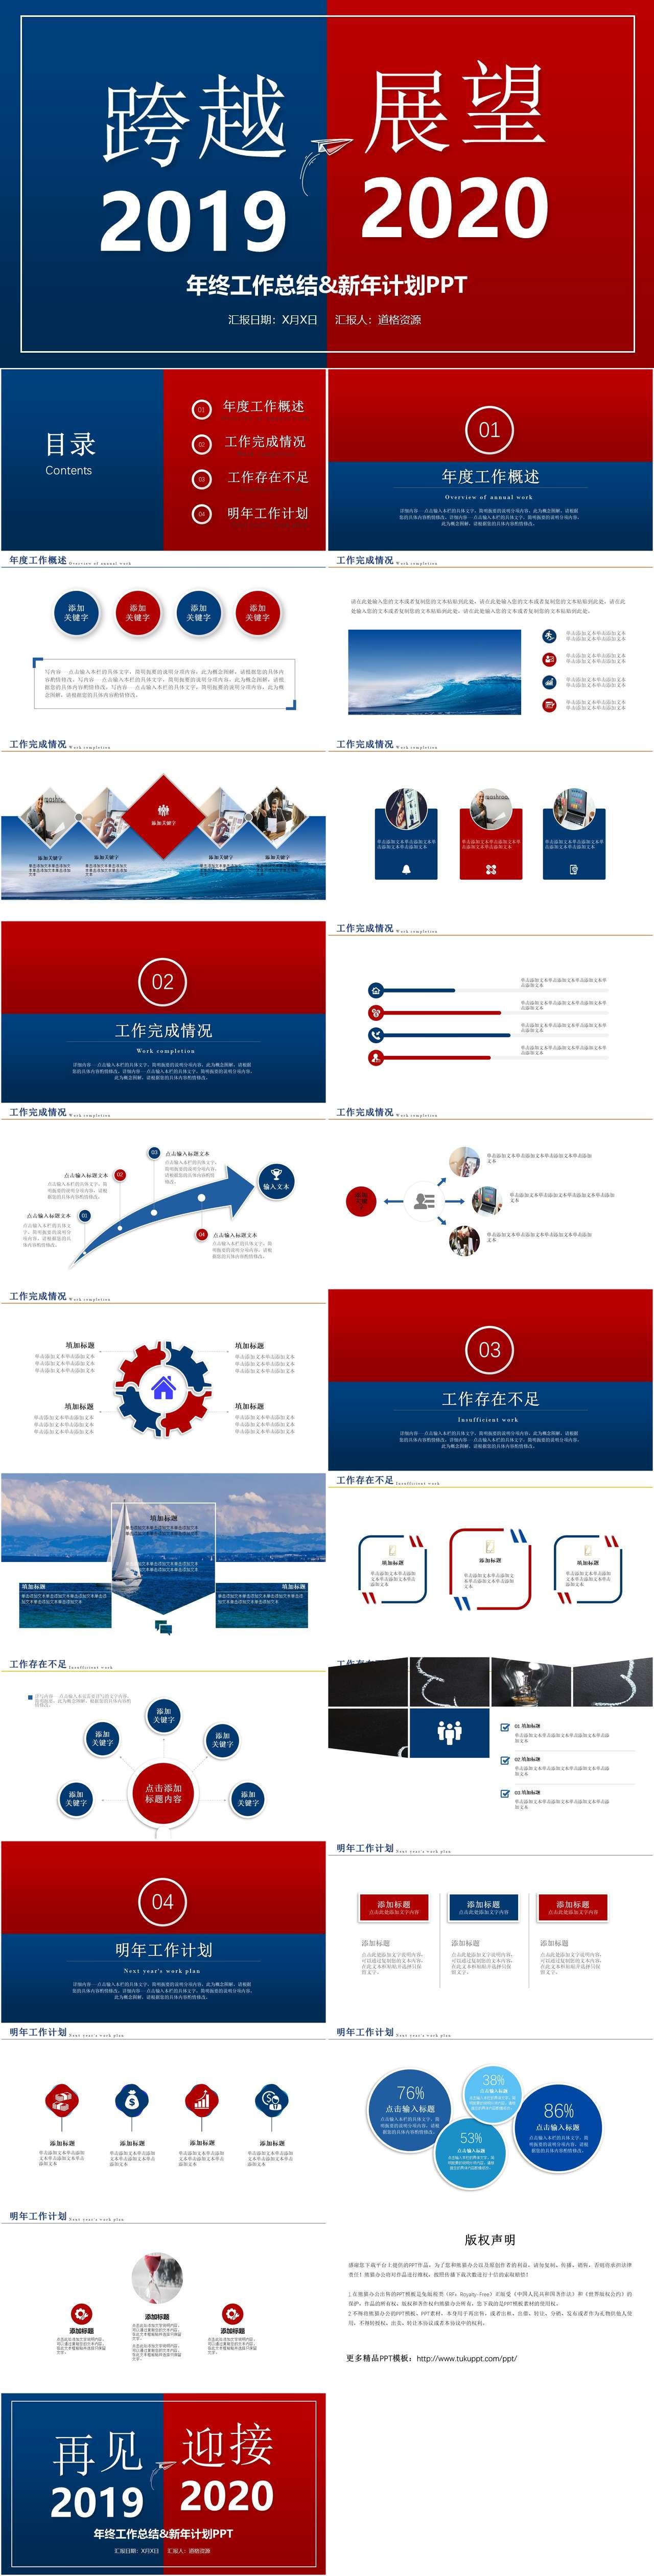 2020创意撞色年终总结暨新年计划PPT模板插图1